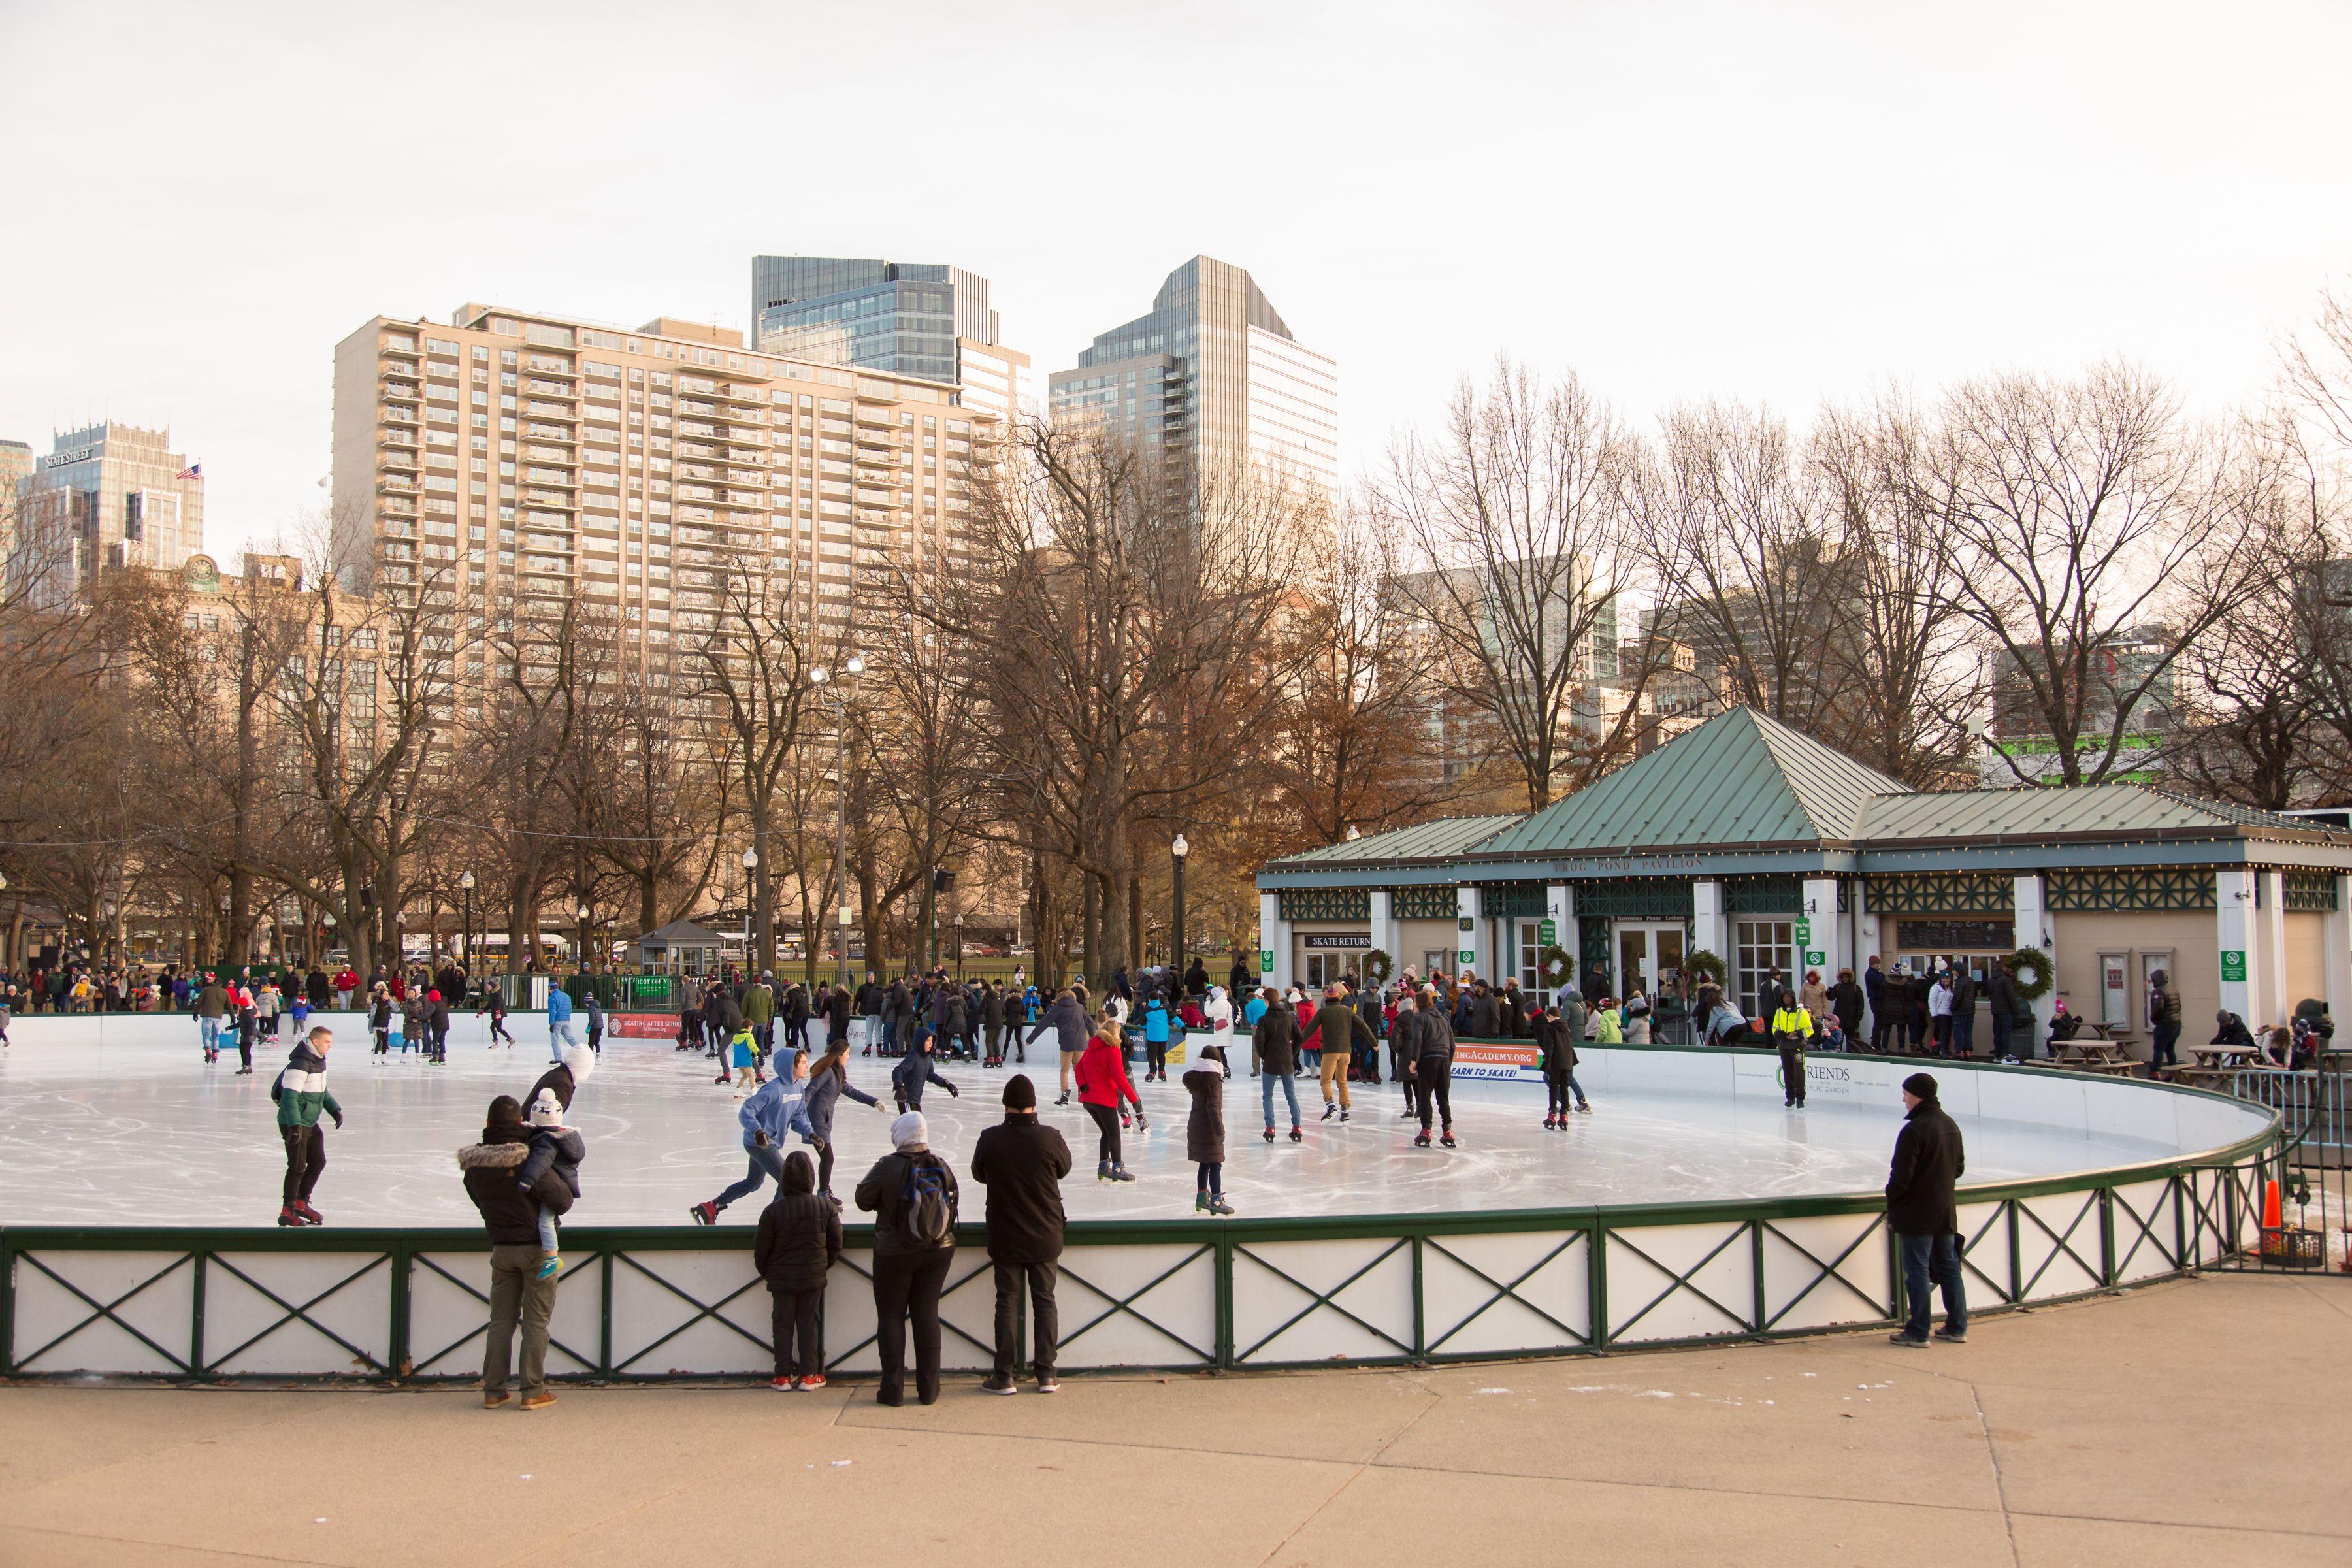 Pista de patinaje sobre hielo en Boston Commons